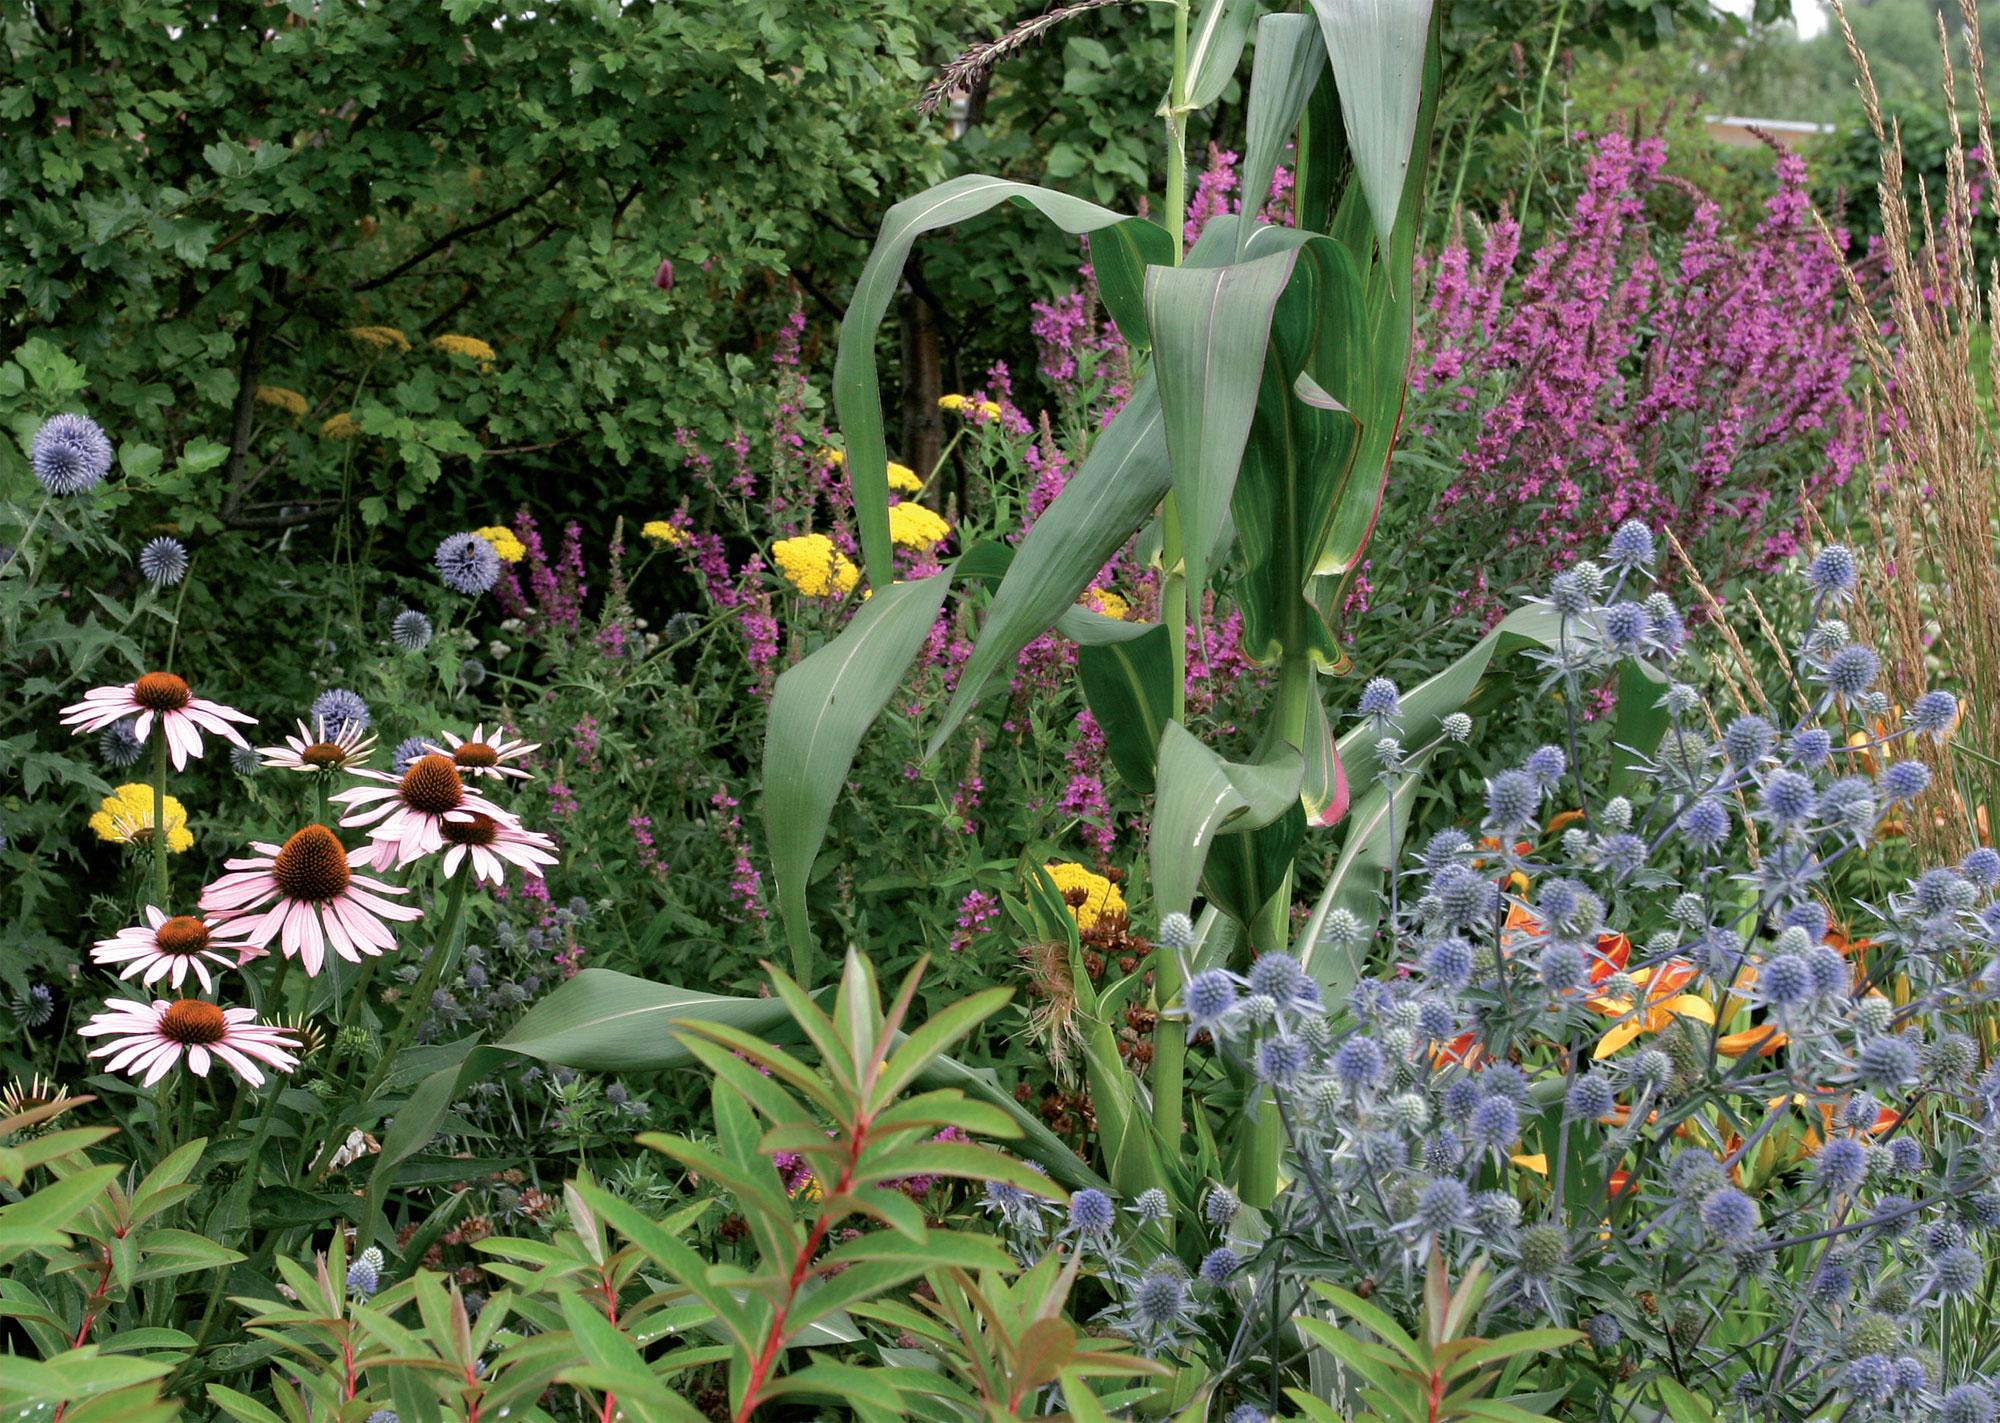 Syyskesällä kukkivat rantakukka, kultakärsämö, punahattu ja sinipiikkiputki. Keskellä kohoaa koristemaissi, vasemmalla pilkottaa sinipallo-ohdake